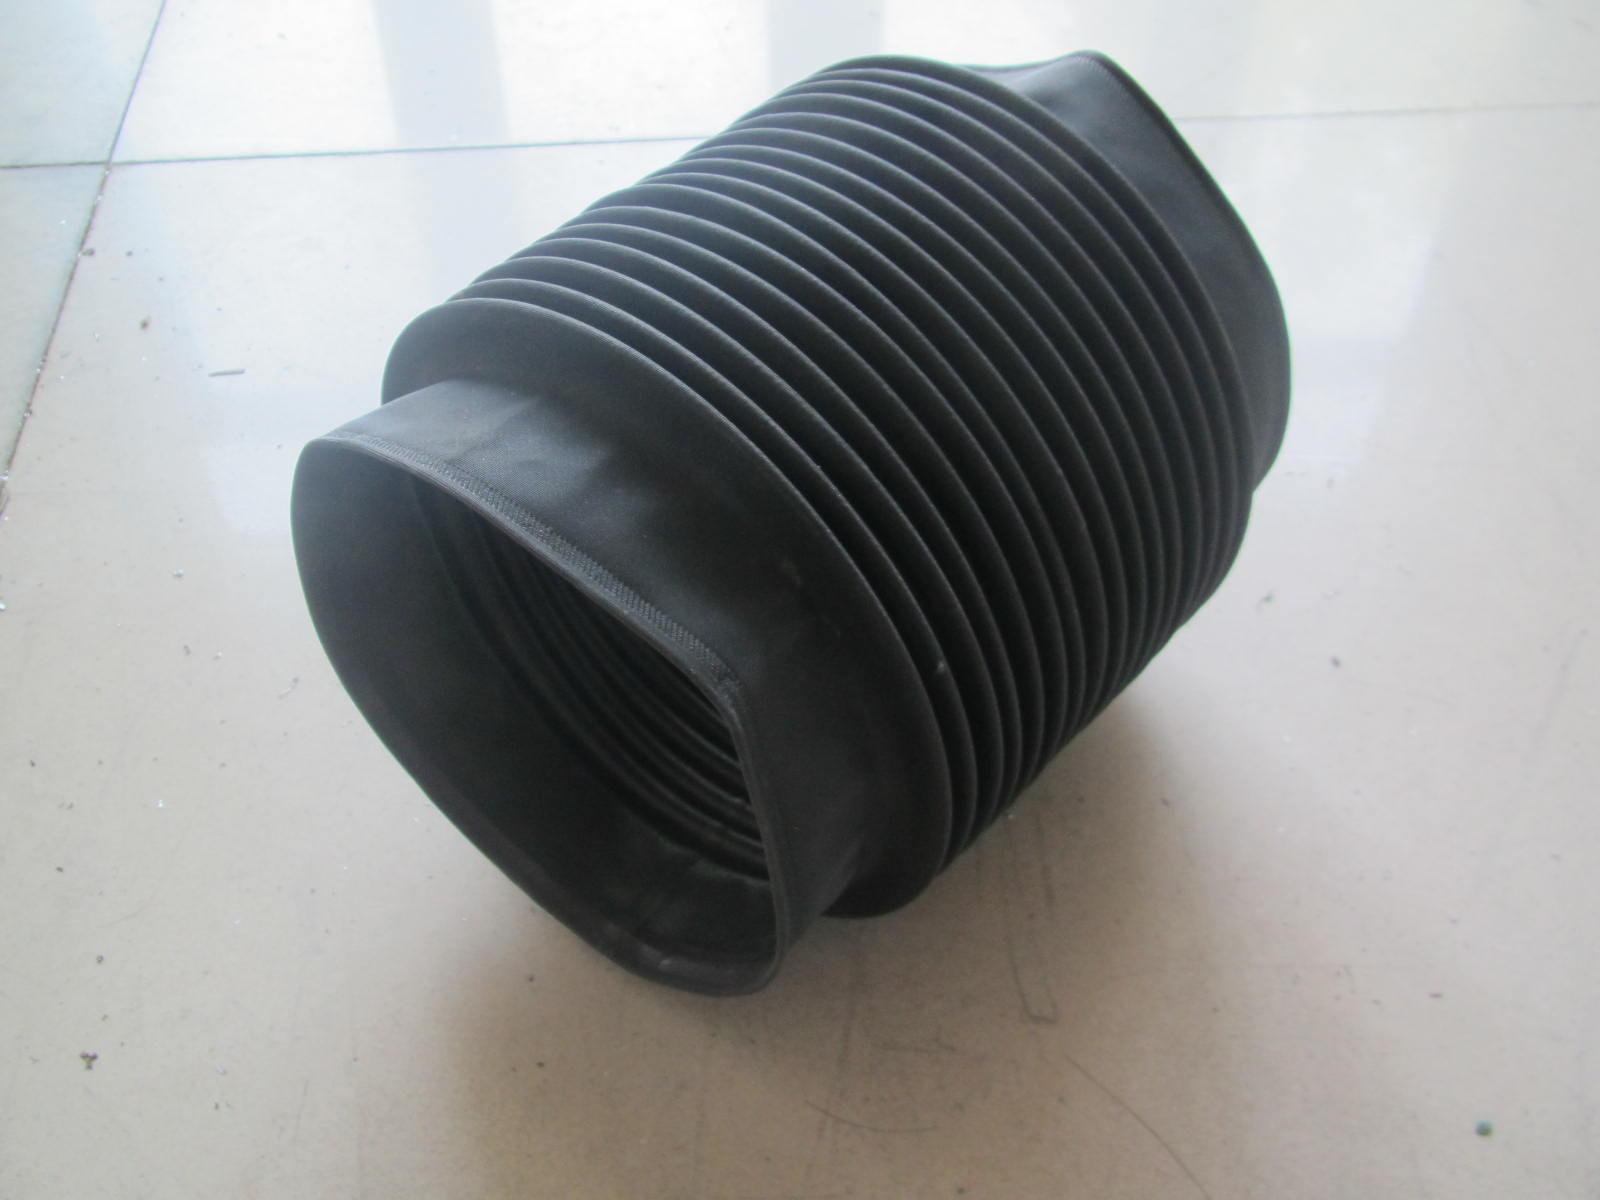 尼龙布圆形防尘罩产品图